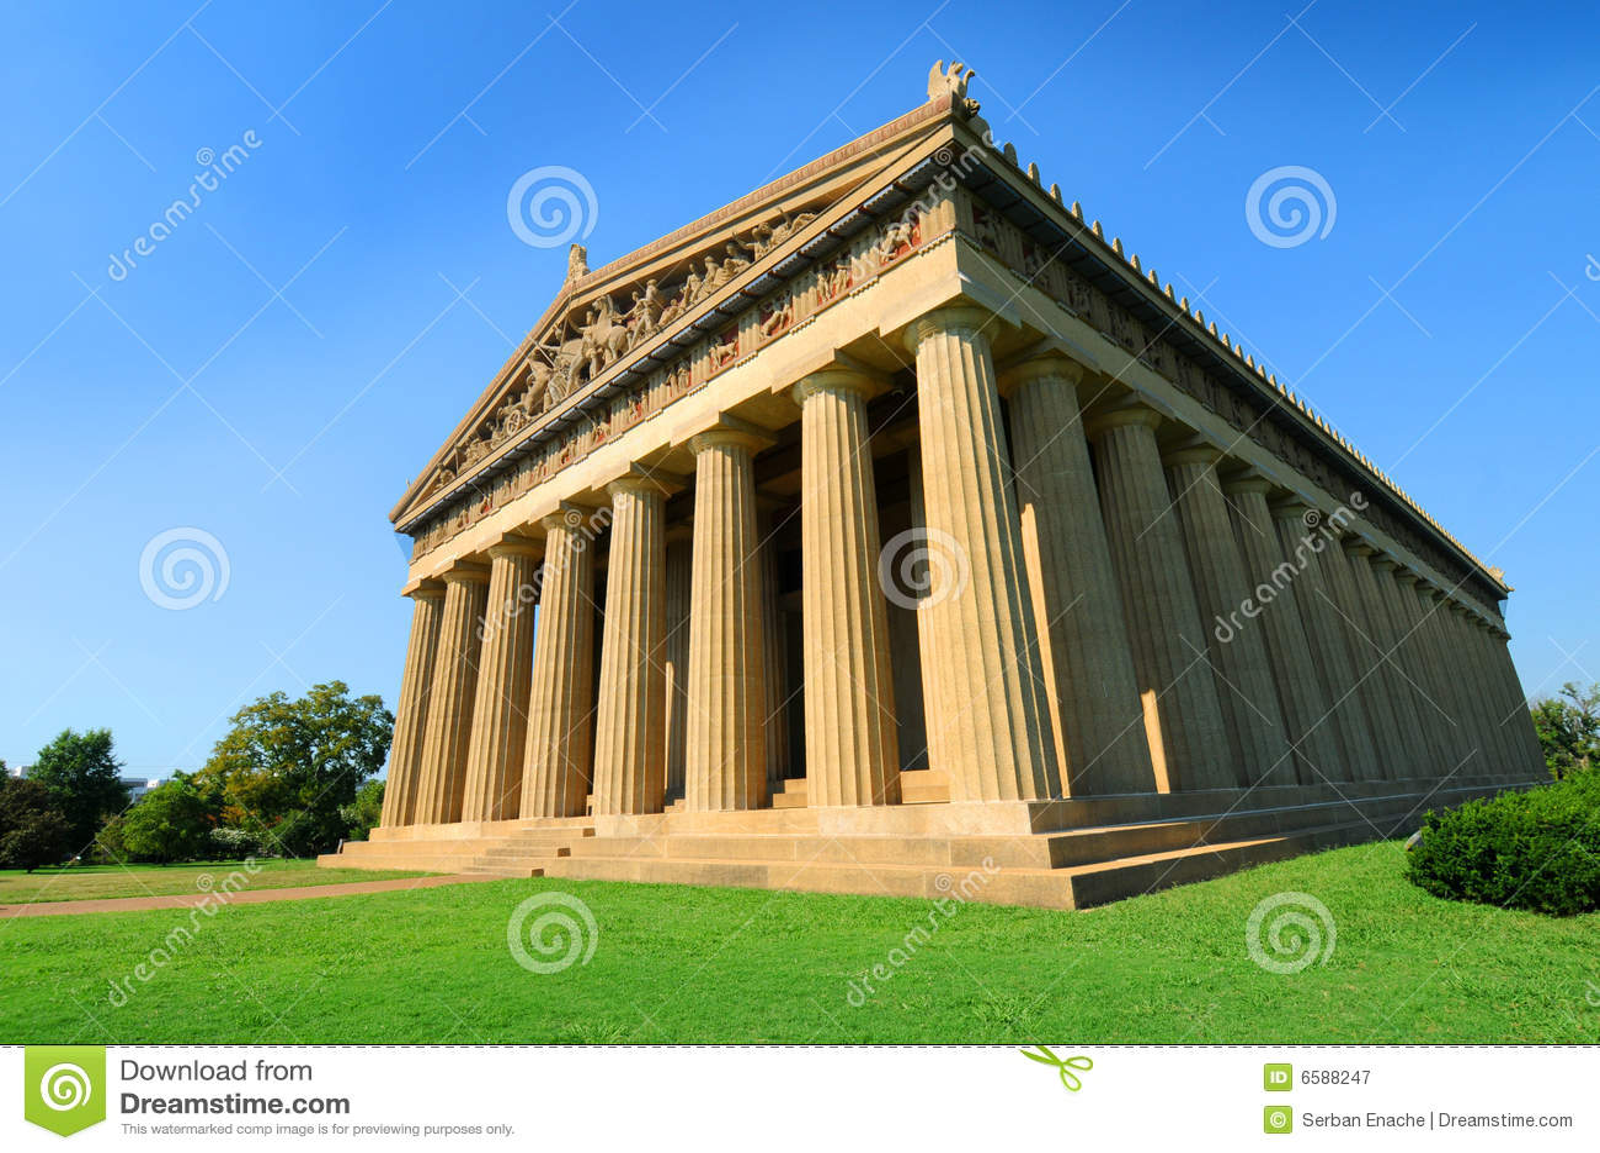 Reproducción del Parthenon griego